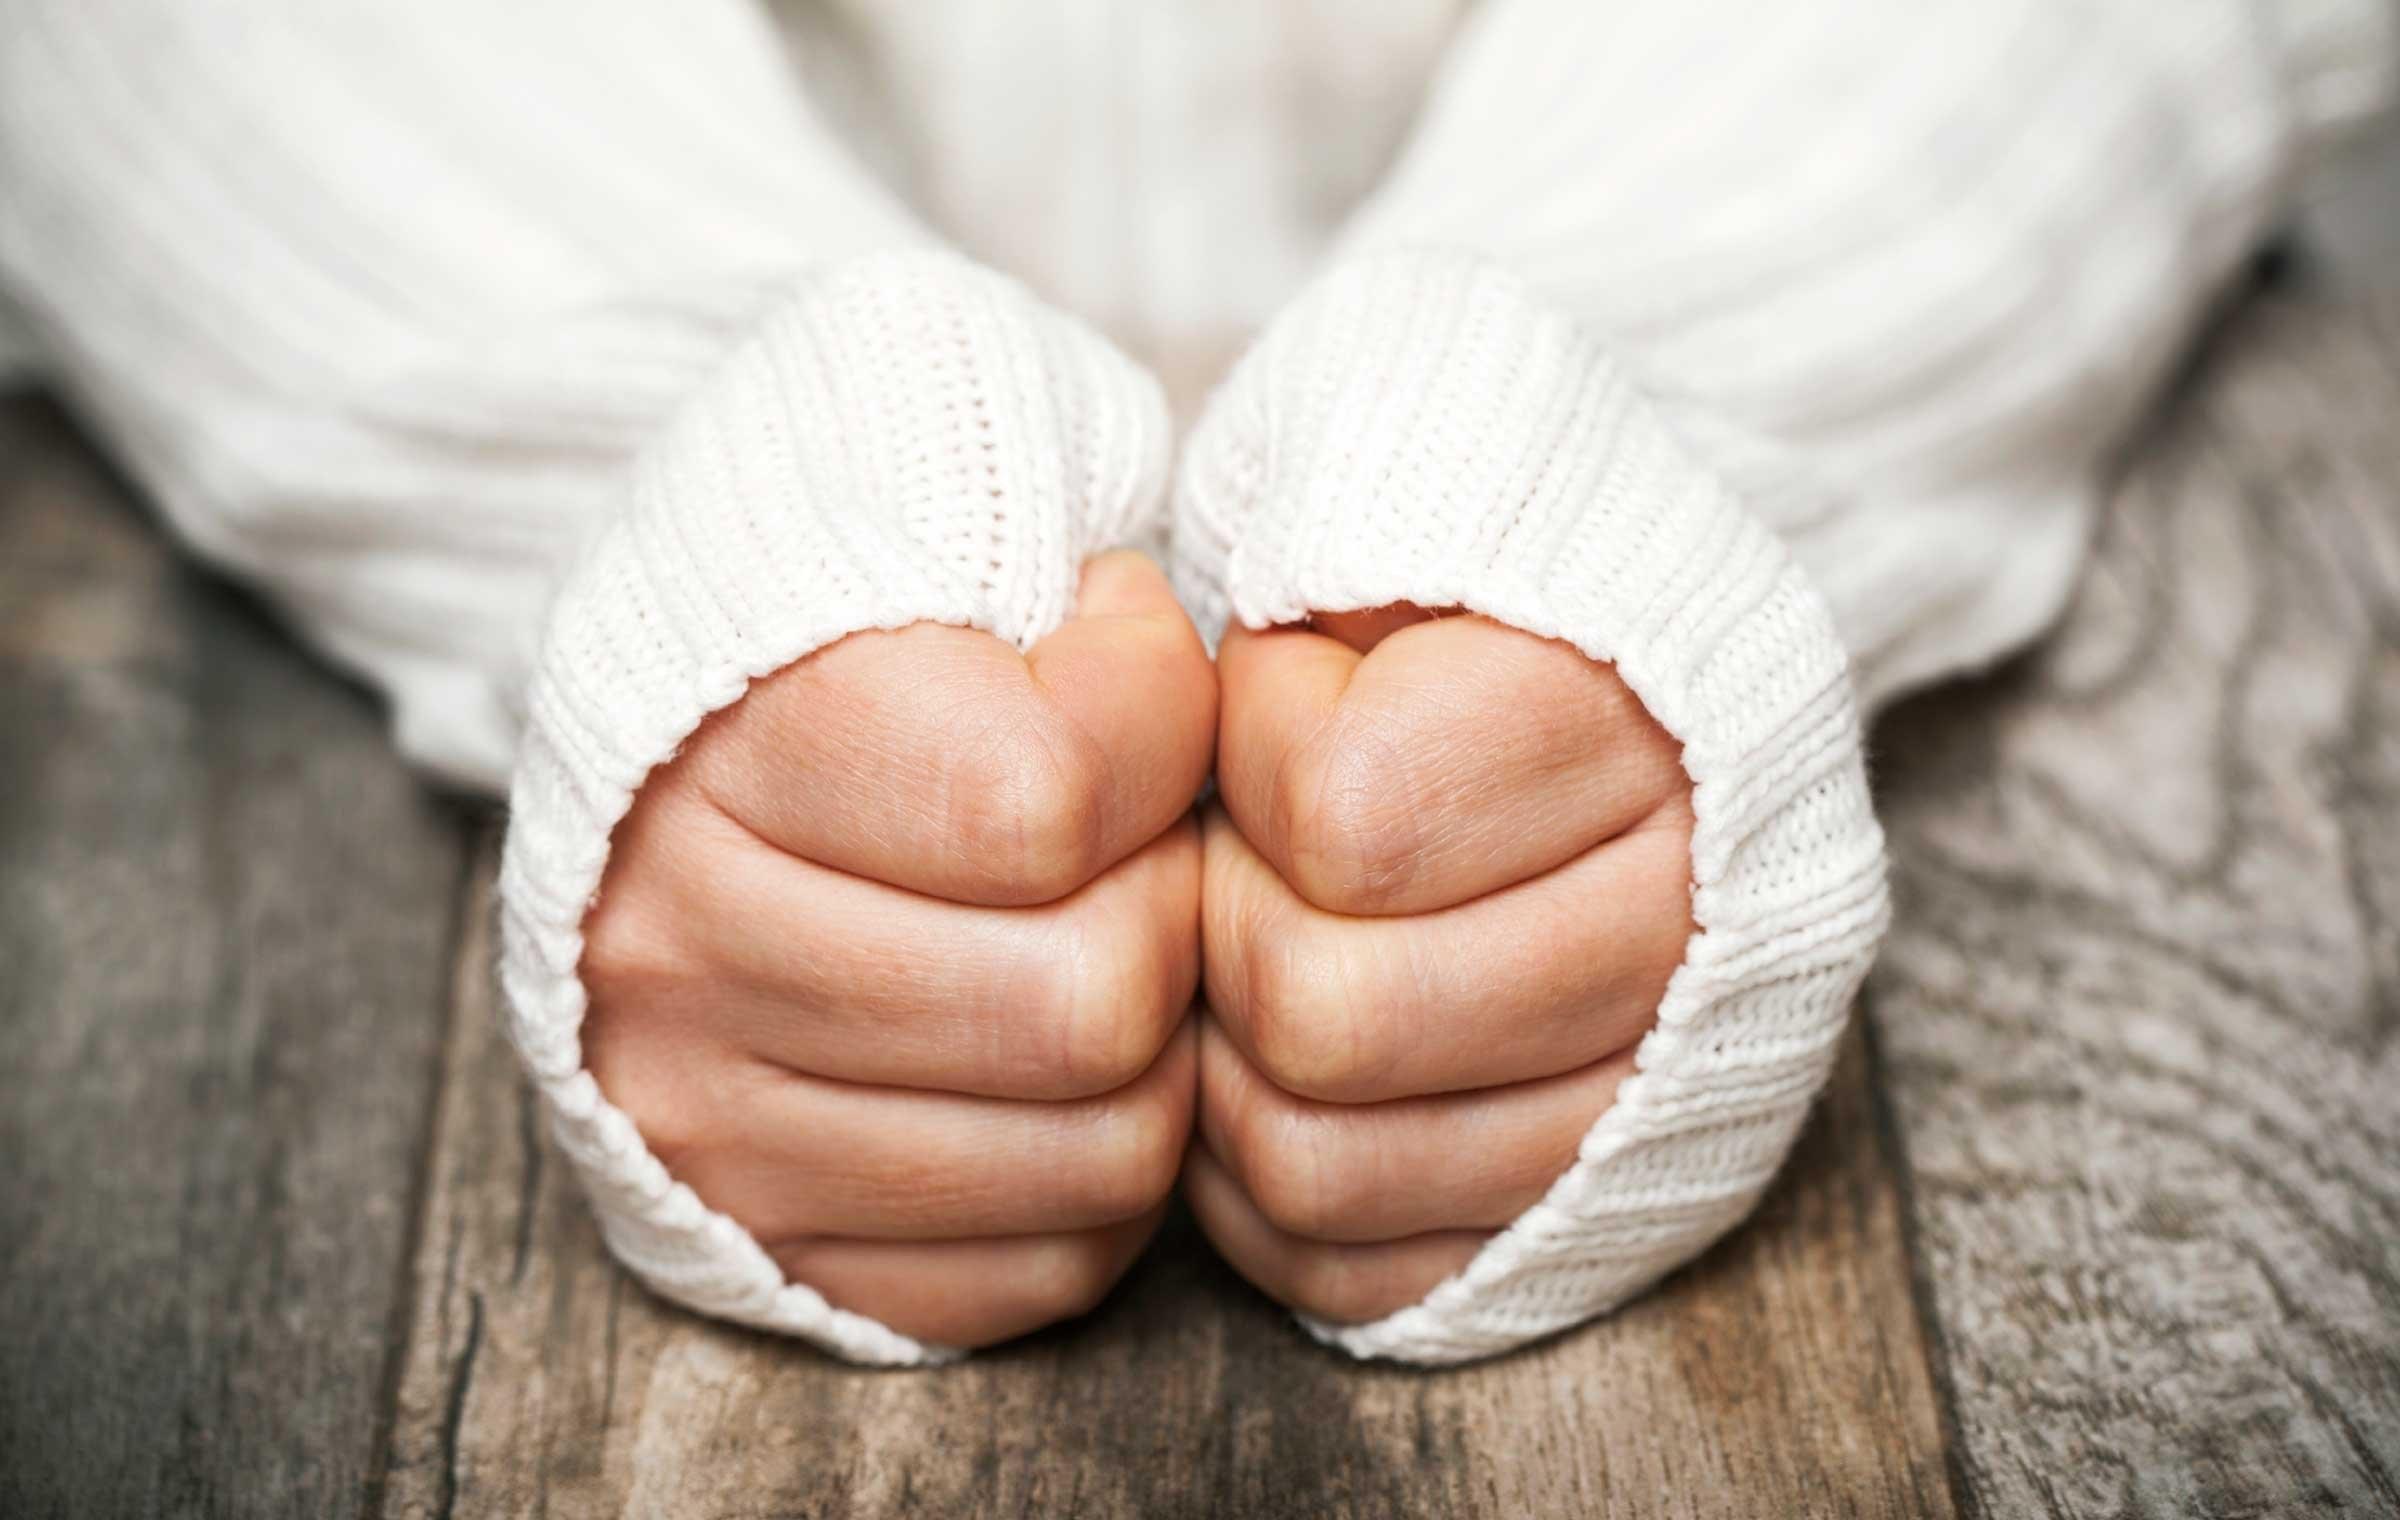 دلایل احساس سردی در بدن/ چه کنیم سردمان نشود؟